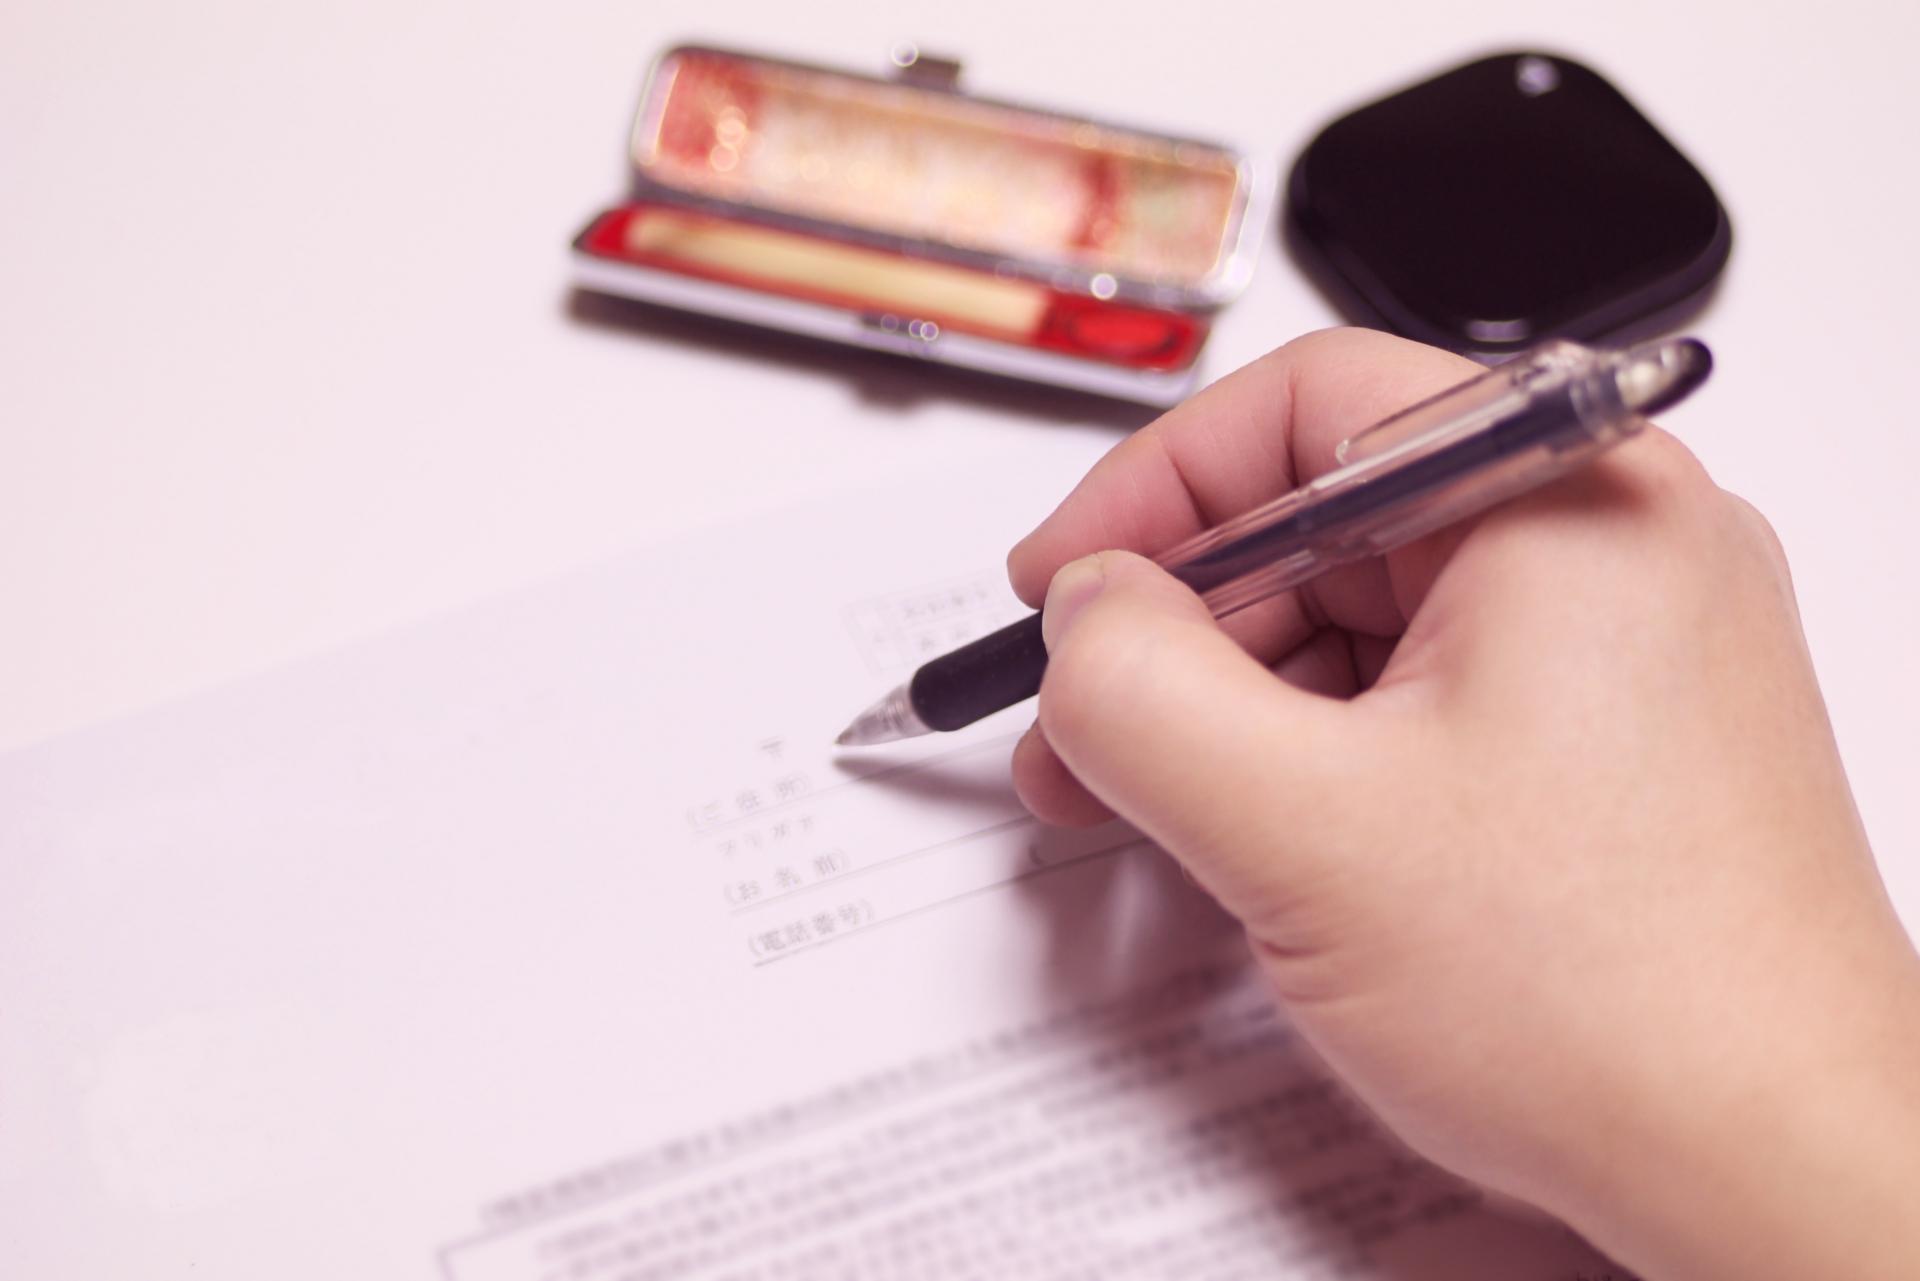 インプラント手術前に提出する書類・同意書と契約書の内容とは?